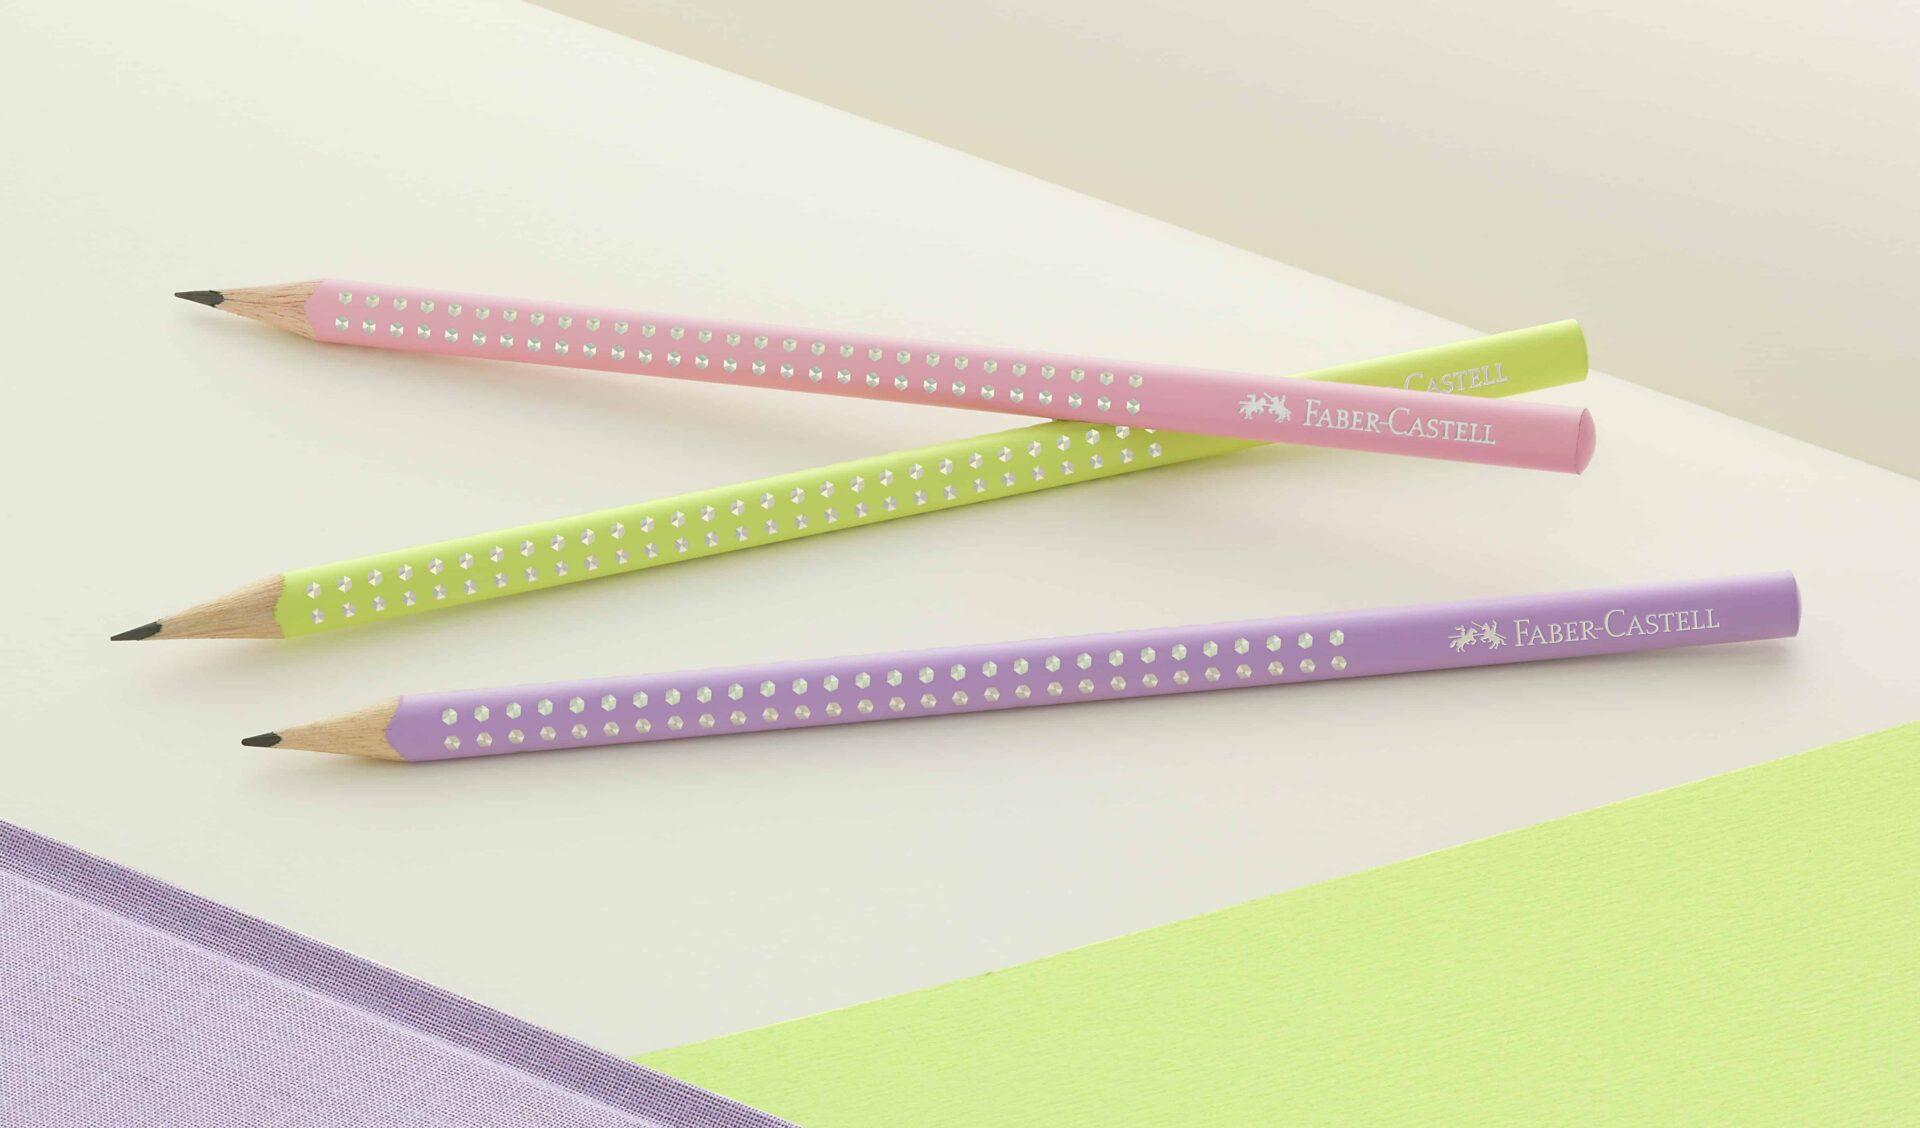 Attraenti colori primaverili e pois glitterati per le matite SPARKLE DI FABER-CASTELL